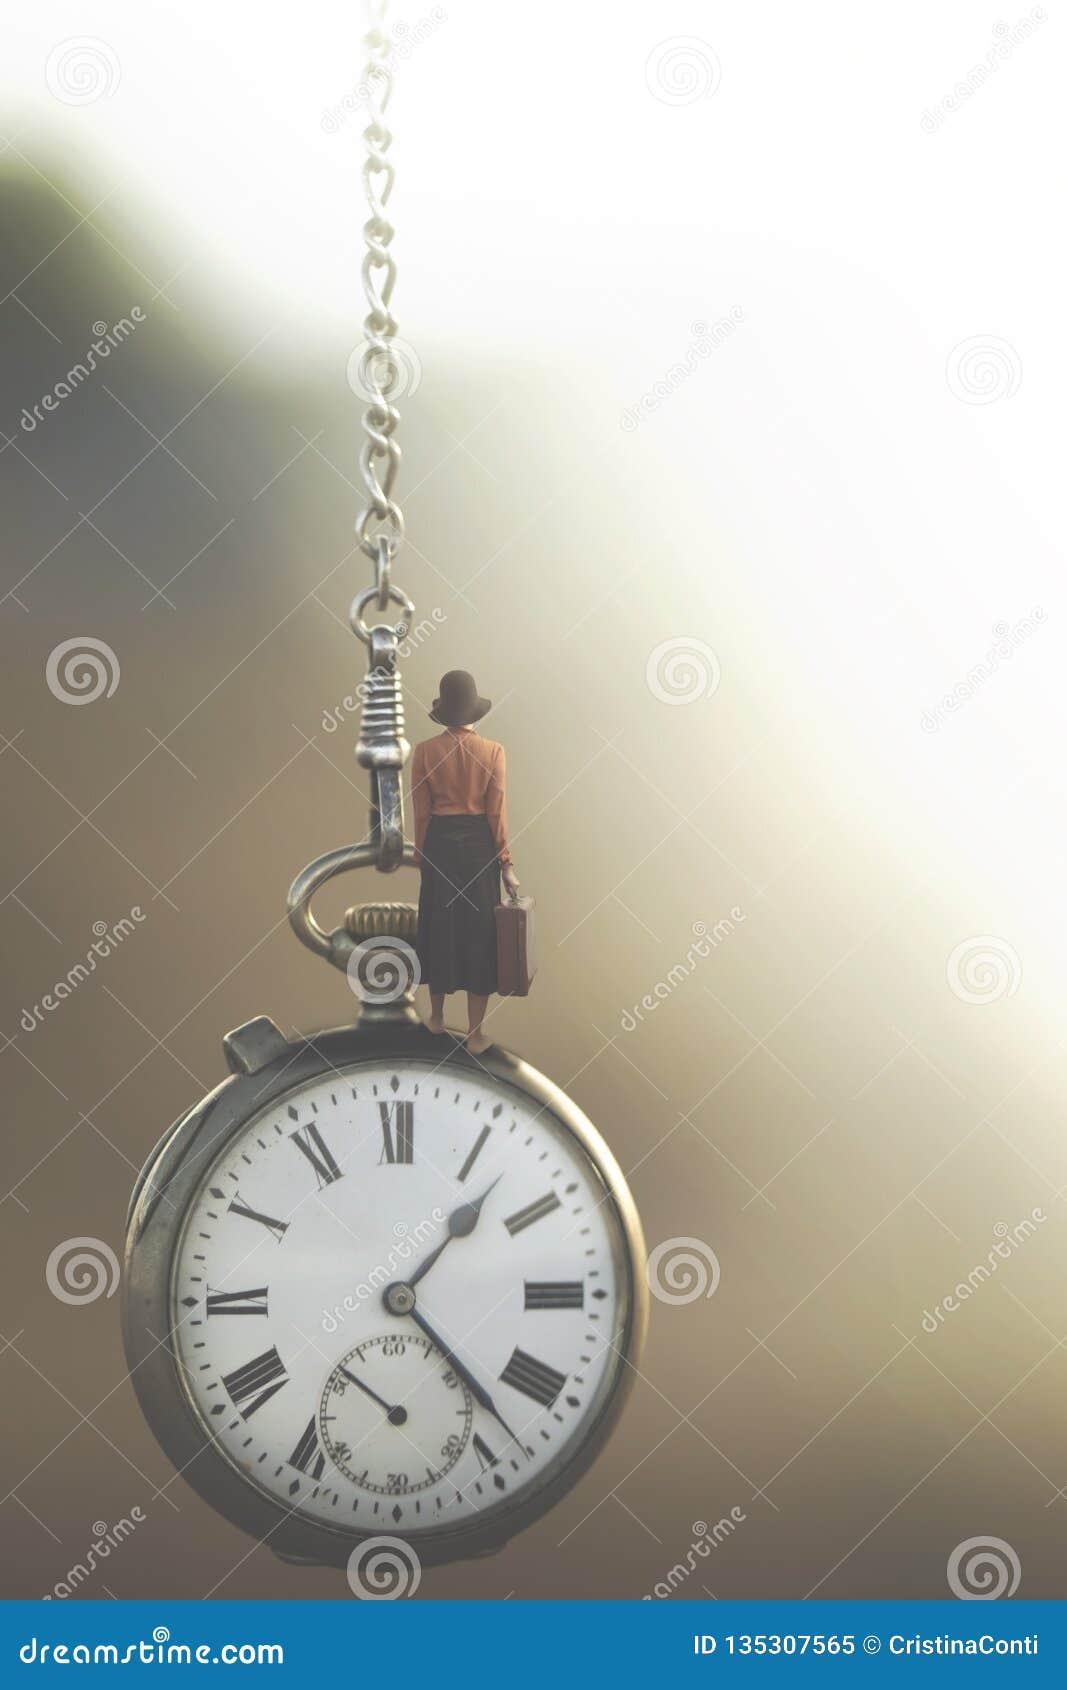 Imagen surrealista de una mujer de negocios que viaja bajo el control de tiempo fluído